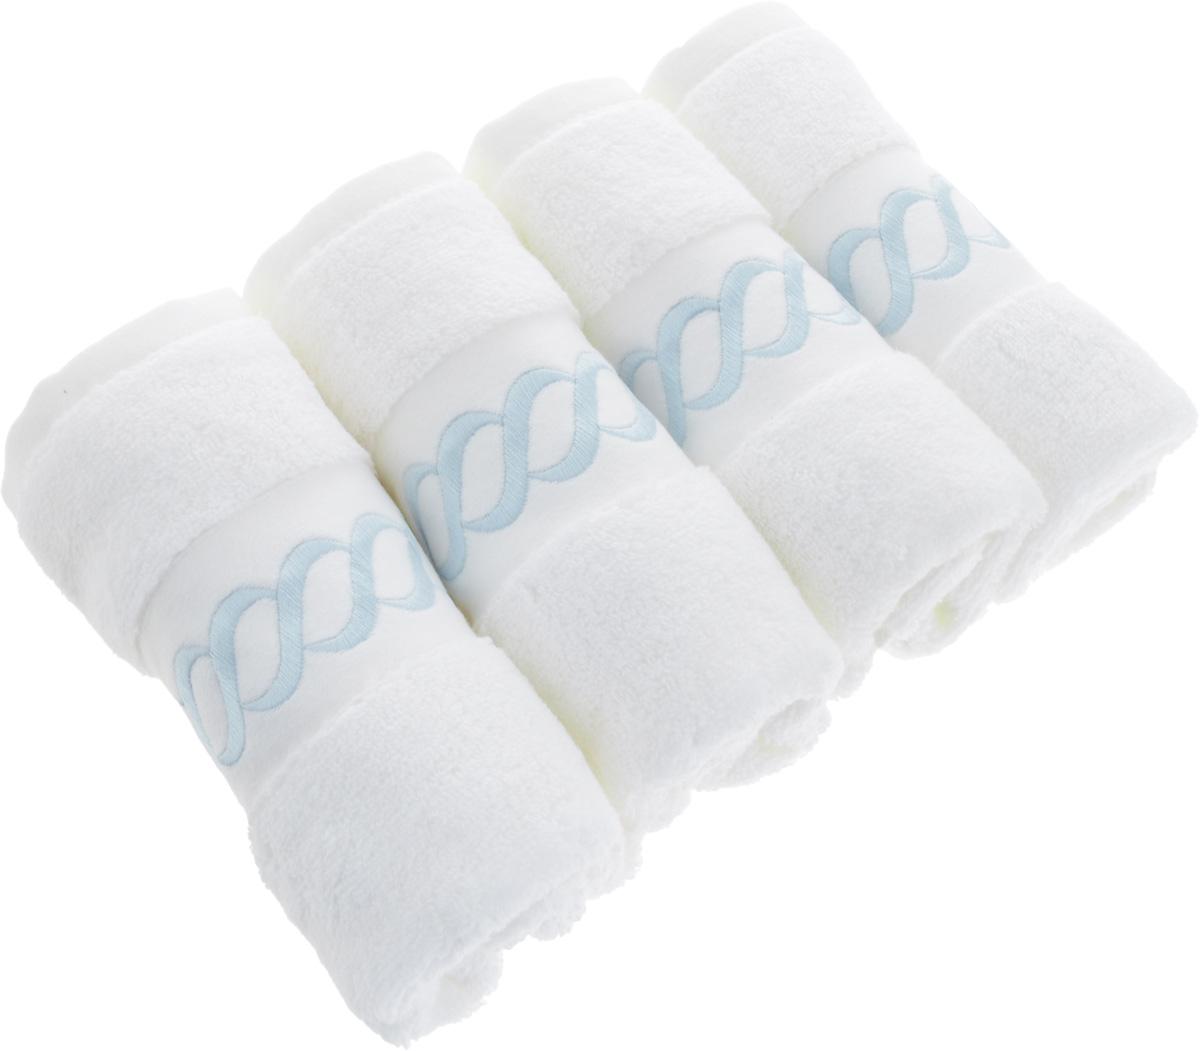 Набор махровых полотенец Issimo Home Pauline, цвет: белый, голубой, 30 x 50 см, 4 шт4728Набор полотенец Issimo Home Pauline выполнен из натуральной махровой ткани (100% хлопок). Изделия отлично впитывают влагу, быстро сохнут и не теряют форму даже после многократных стирок. Рекомендации по уходу:- режим стирки при 40°C,- допускается обычная химчистка,- отбеливание запрещено,- глажка при температуре подошвы утюга до 110°С,- барабанный отжим запрещен.Размер полотенца: 30 x 50 см.